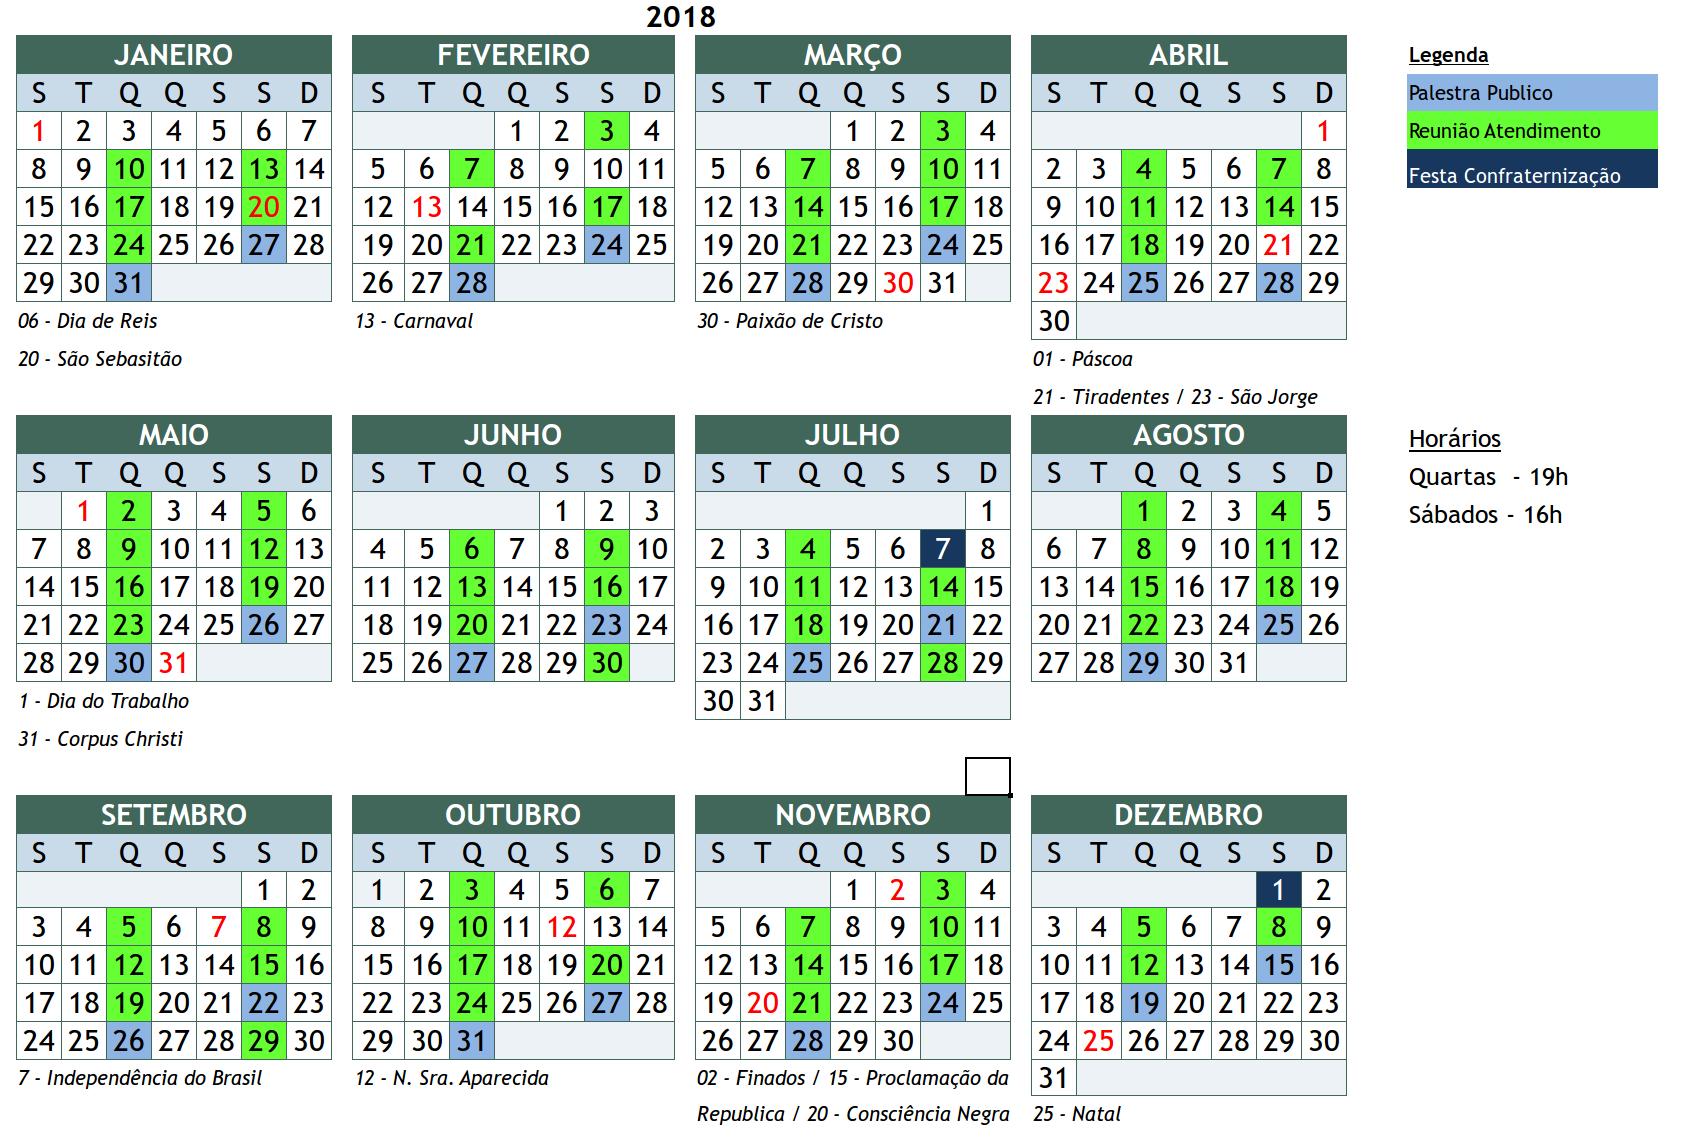 Imagem do calendário de reuniões do ano de 2017